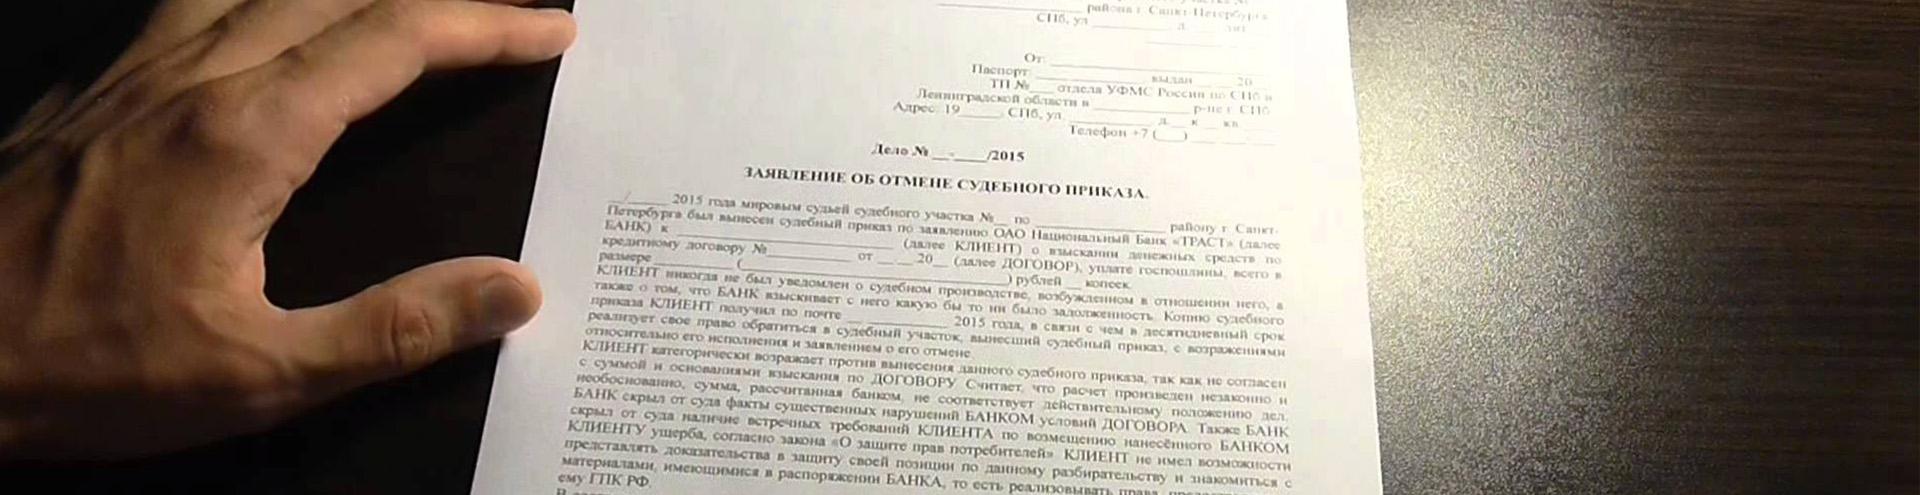 отмена судебного приказа в Ярославле и Ярославской области